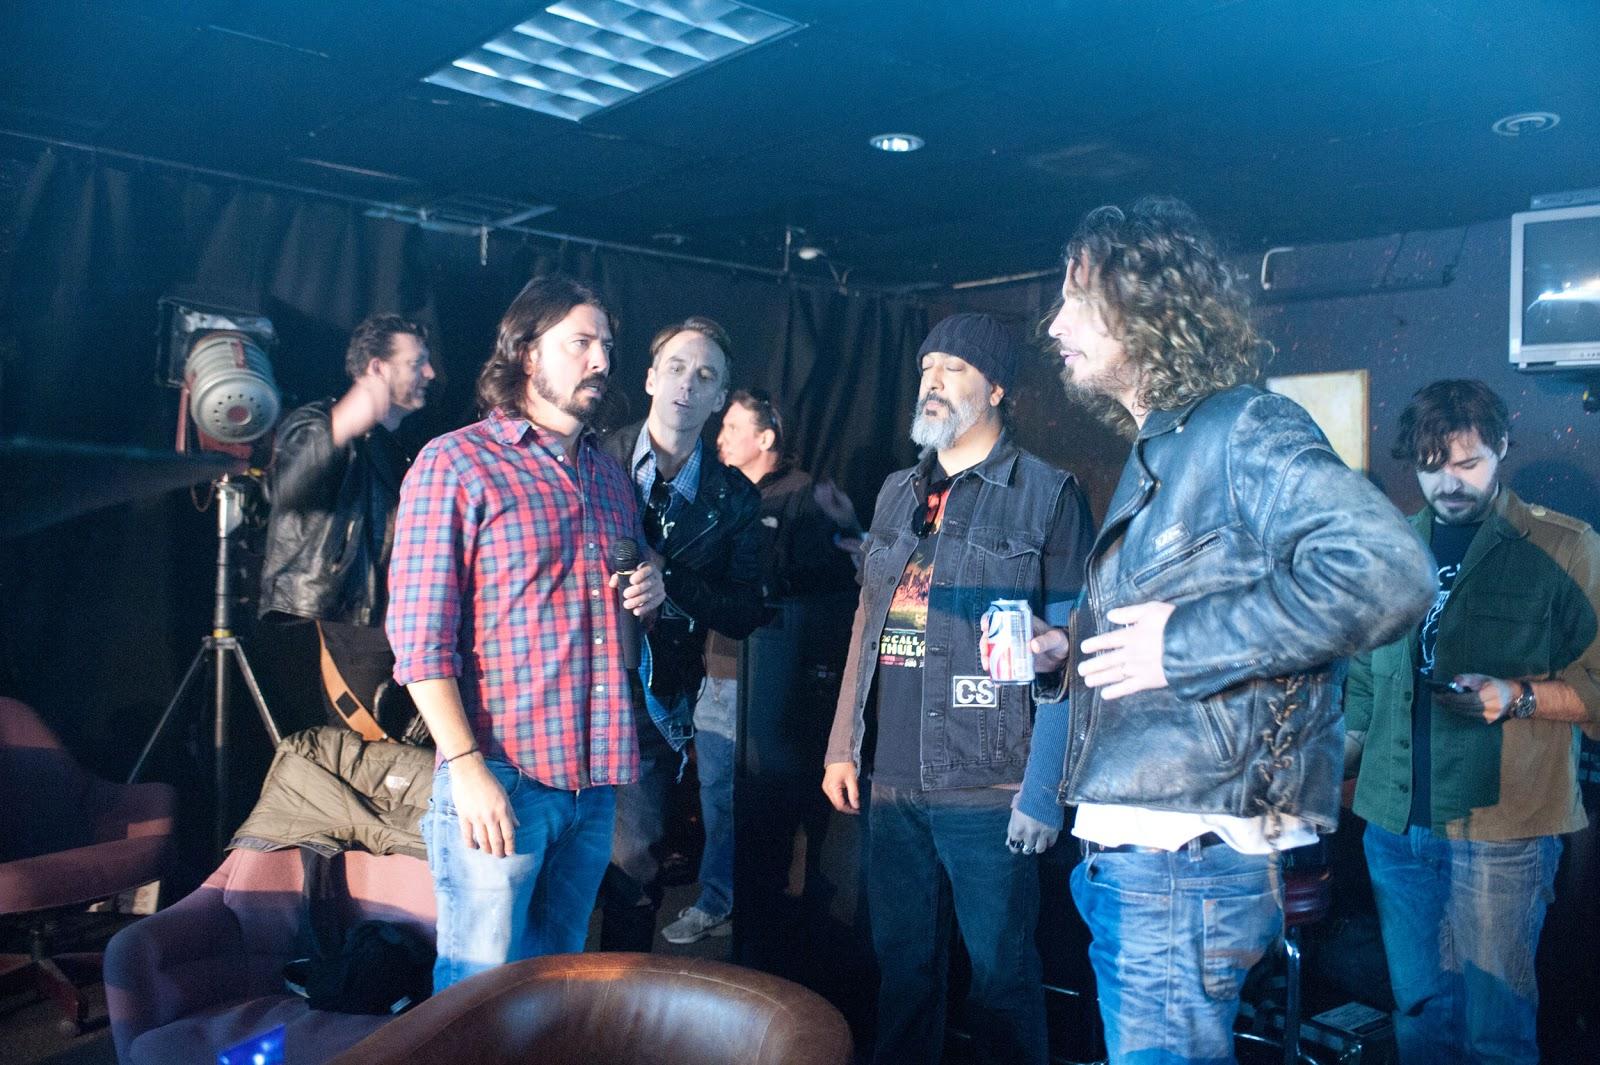 Dave Grohl  Soundgarden  Chris Cornell  Kim Thayil  Ben Shepard  Matt    Eddie Vedder Dave Grohl